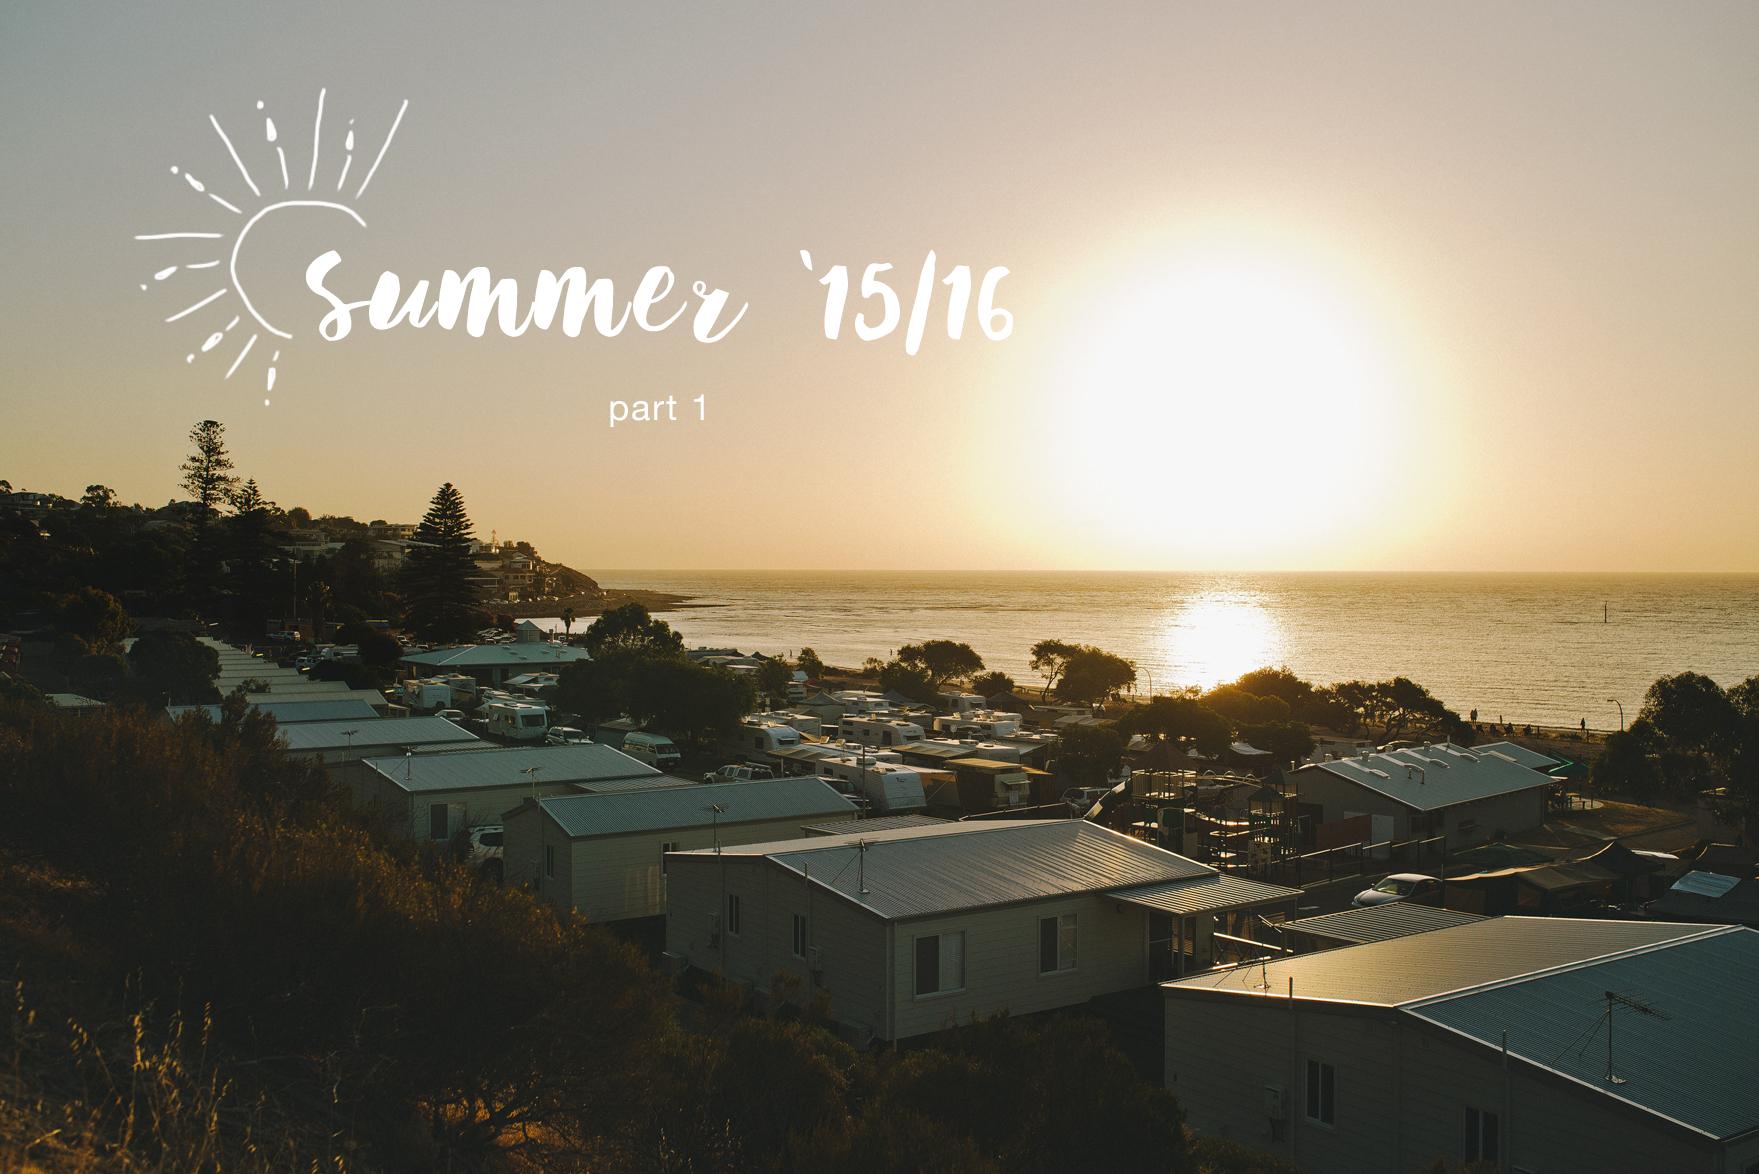 summerpart1.jpg